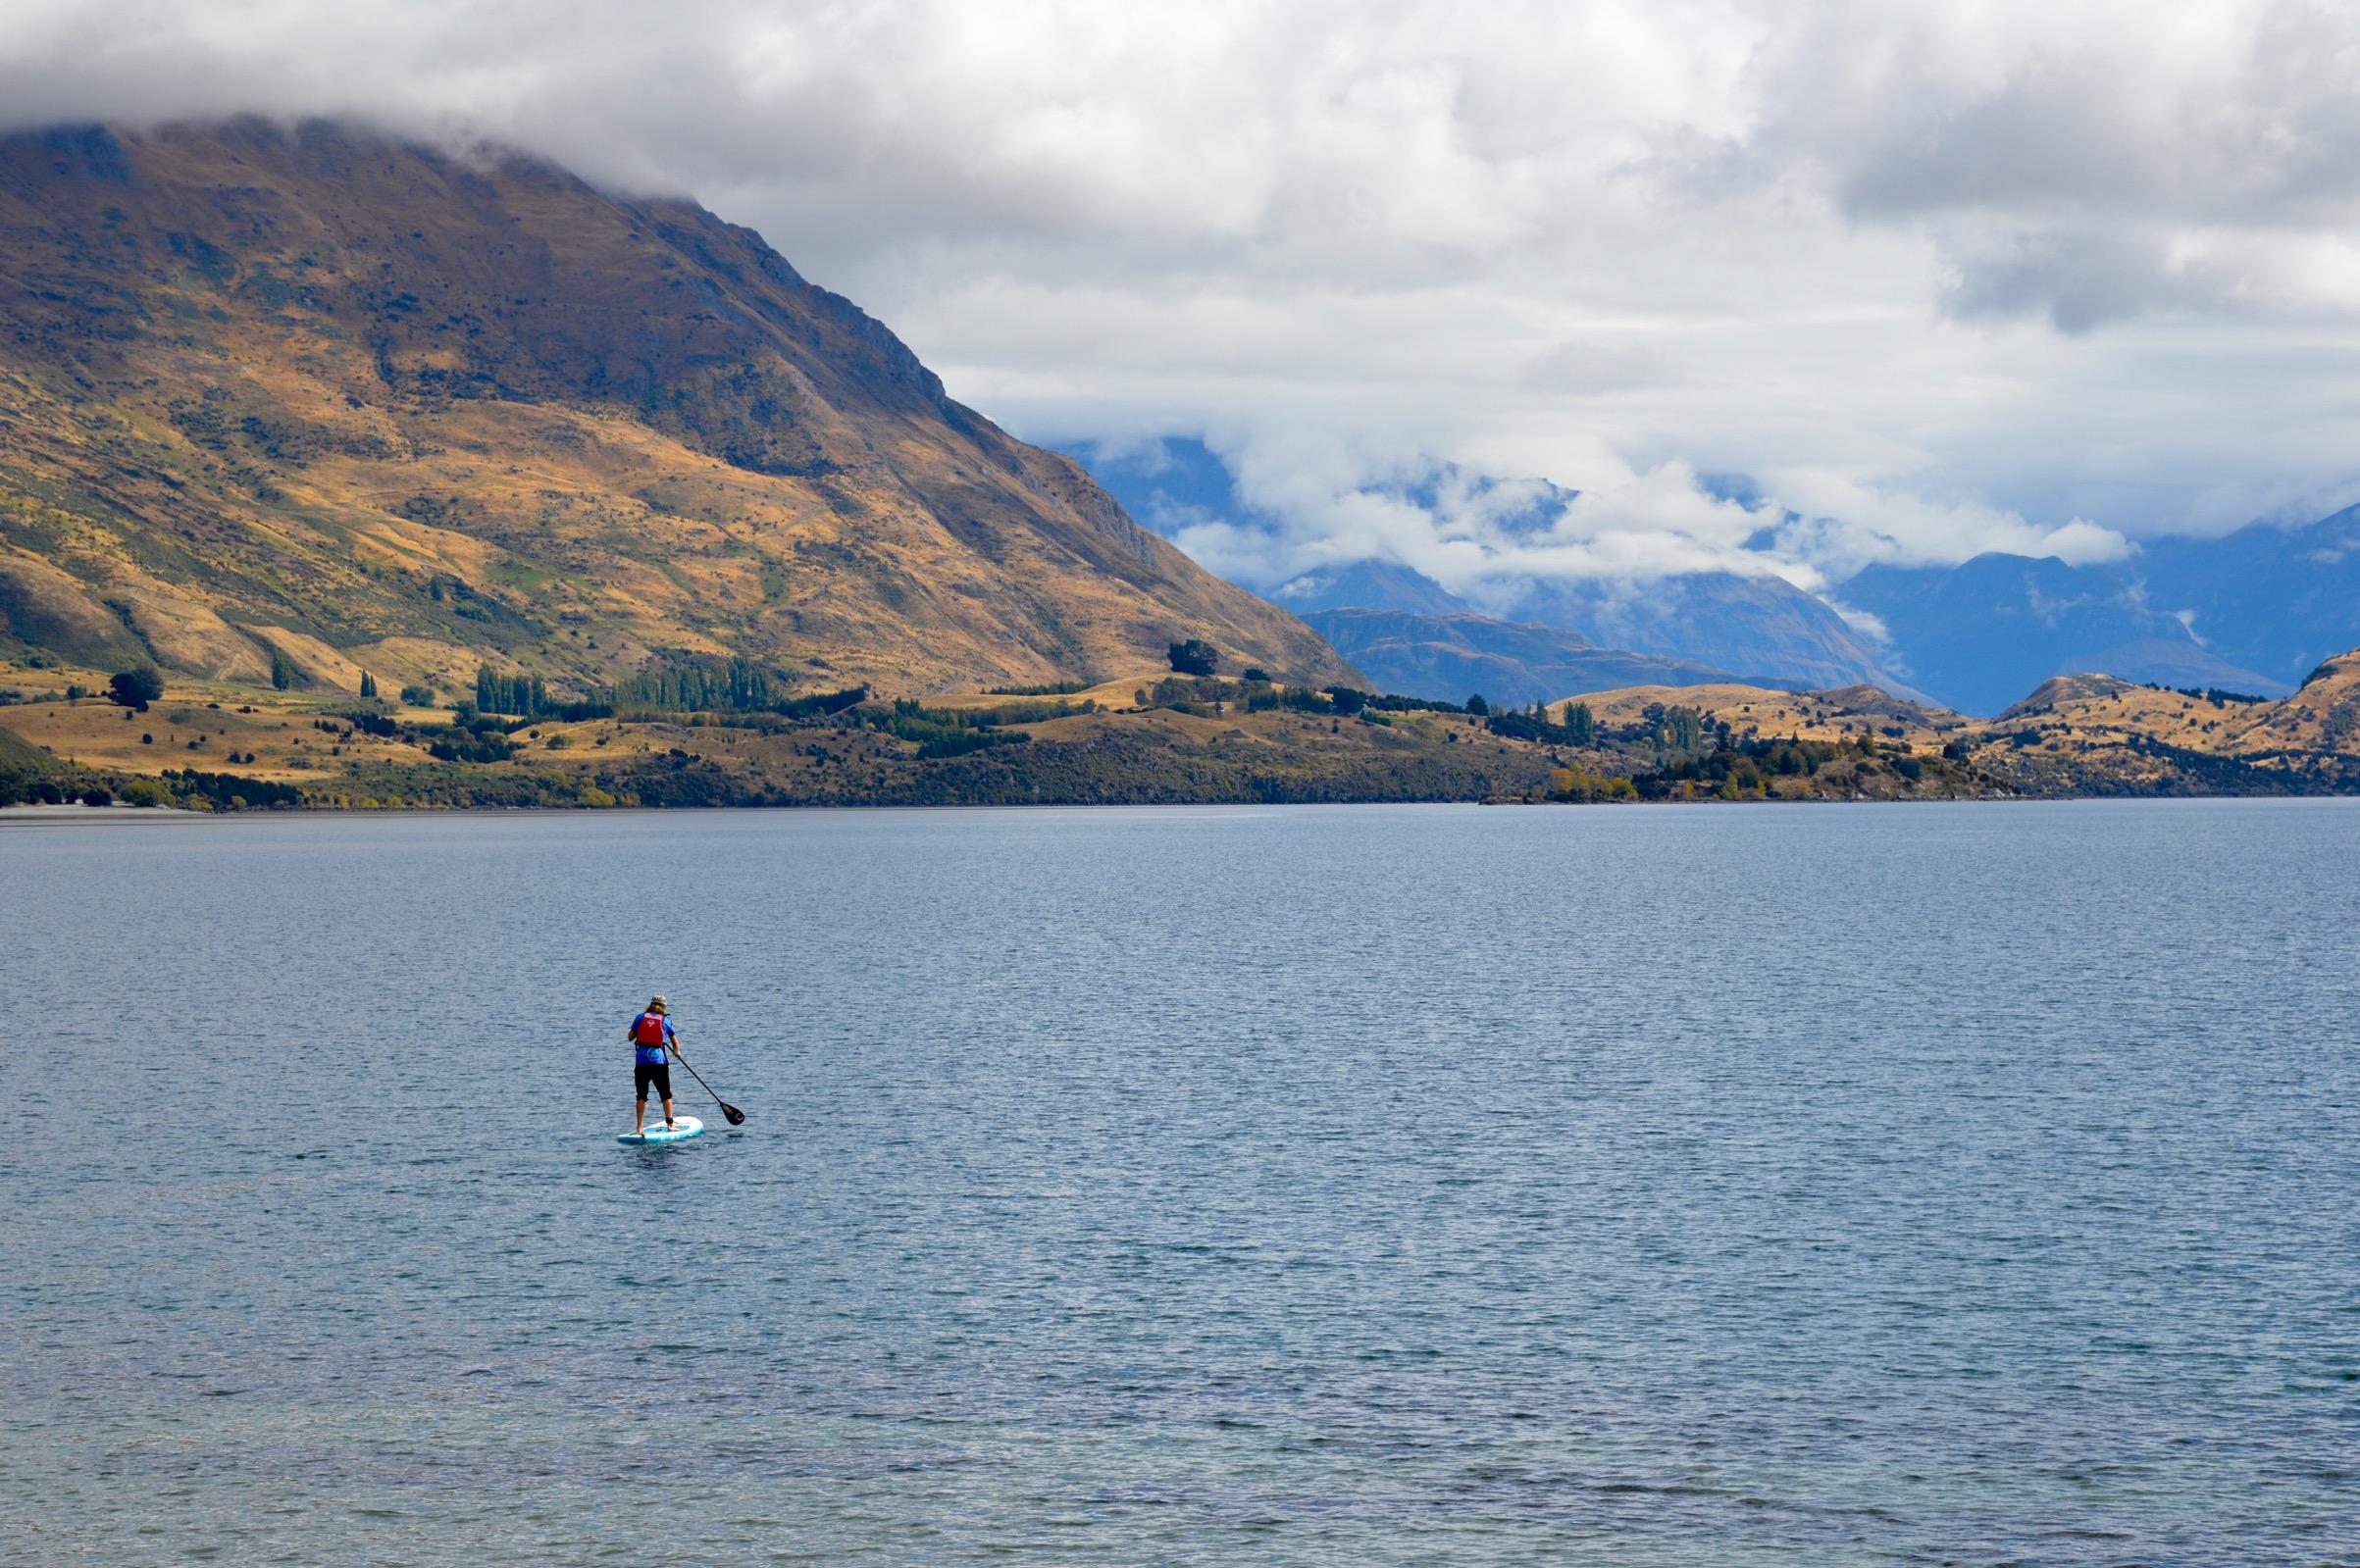 Paddleboarder, Lake Wanaka, New Zealand